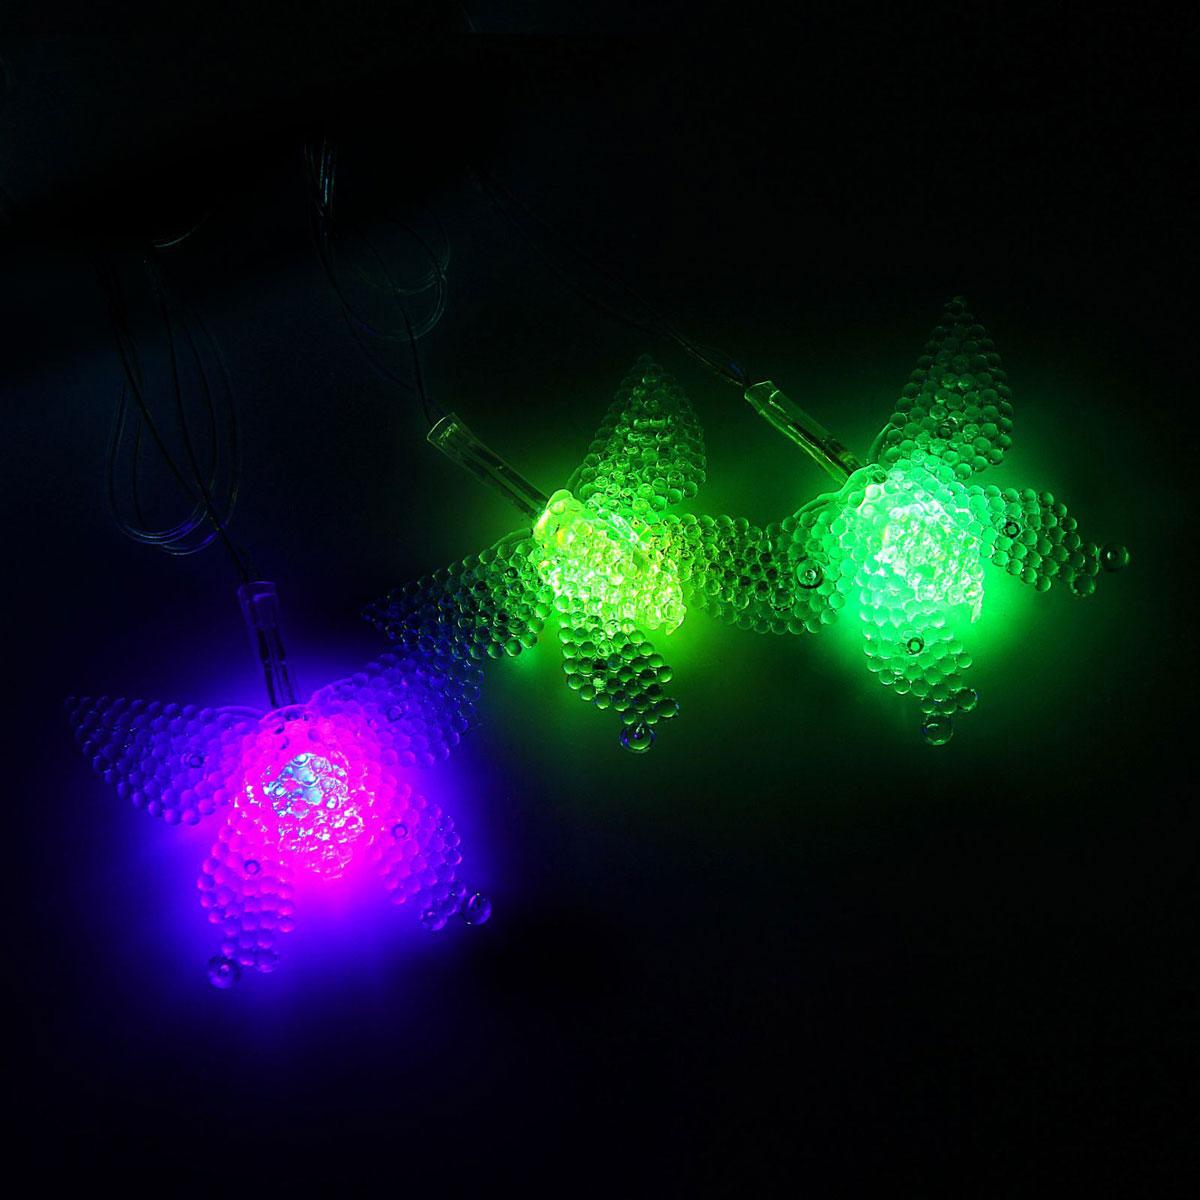 Гирлянда светодиодная Luazon Метраж. Бабочка в крапинку, 20 ламп, 220 V, длина 5 м1080385Светодиодные гирлянды и ленты — это отличный вариант для новогоднего оформления интерьера или фасада. С их помощью помещение любого размера можно превратить в праздничный зал, а внешние элементы зданий, украшенные ими, мгновенно станут напоминать очертания сказочного дворца. Такие украшения создают ауру предвкушения чуда. Деревья, фасады, витрины, окна и арки будто специально созданы, чтобы вы украсили их светящимися нитями.